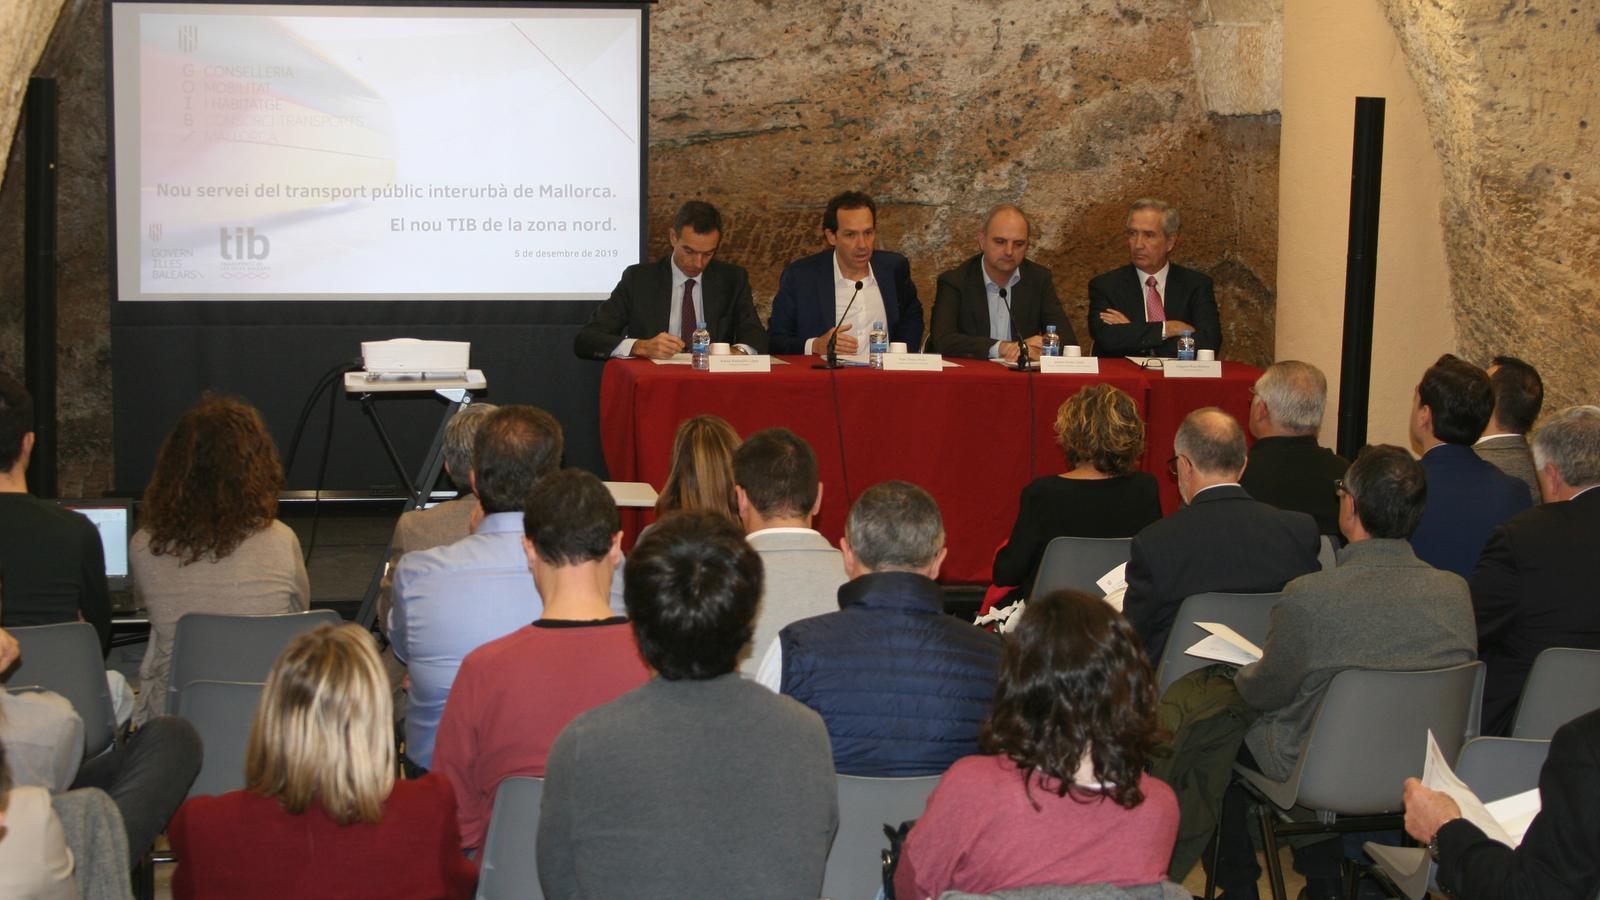 La presentació del nou servei de transport públic del nord s'ha fet a la biblioteca d'Alcúdia.